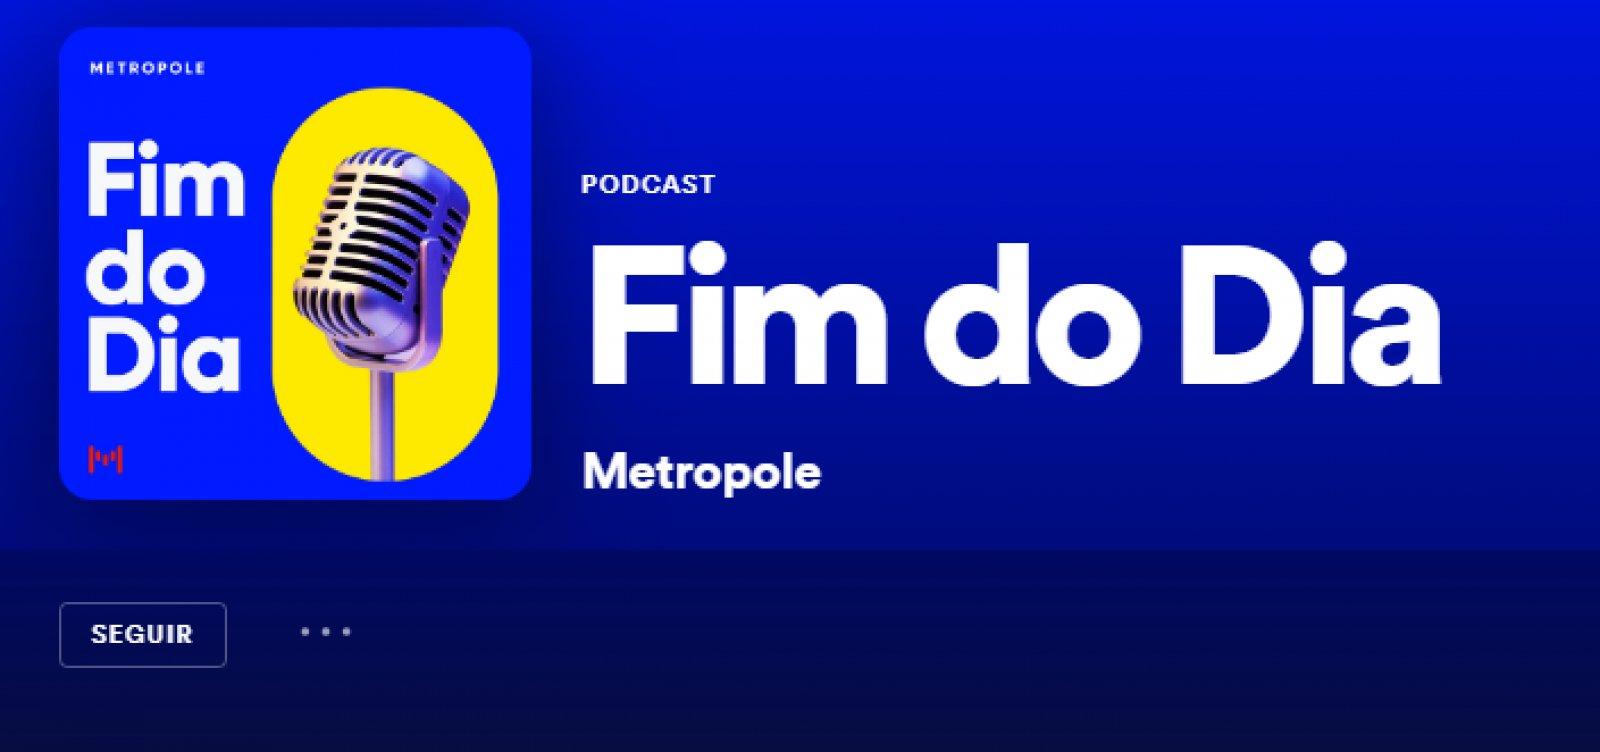 Fim do Dia: Prefeitura bate de frente com Itaú pelo Cine Glauber e chances de tsunami são minimizadas